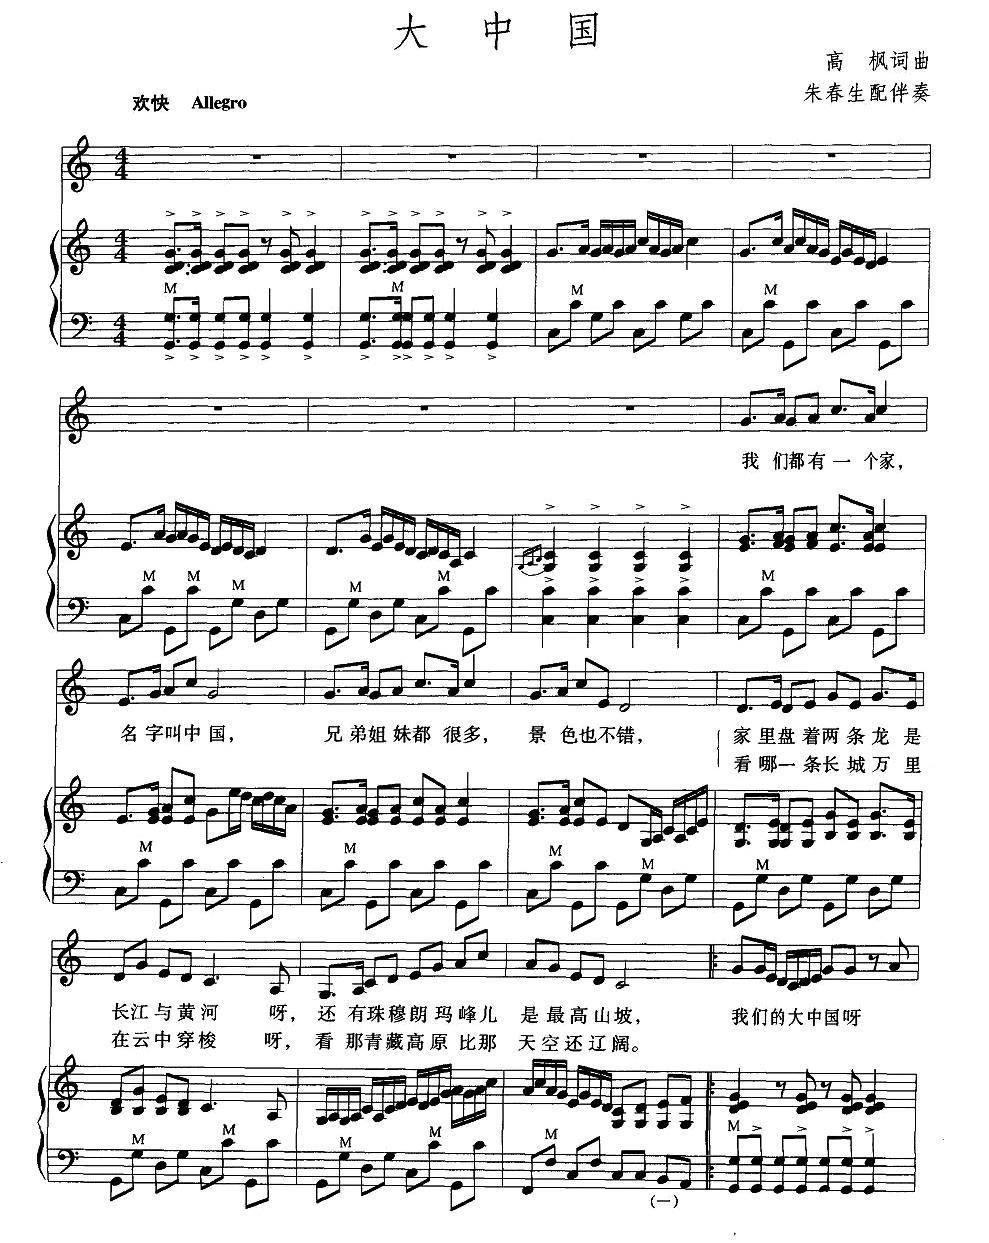 """大中国(手风琴伴奏谱) 提示:在曲谱上按右键选择""""图片另存为"""",可以将"""